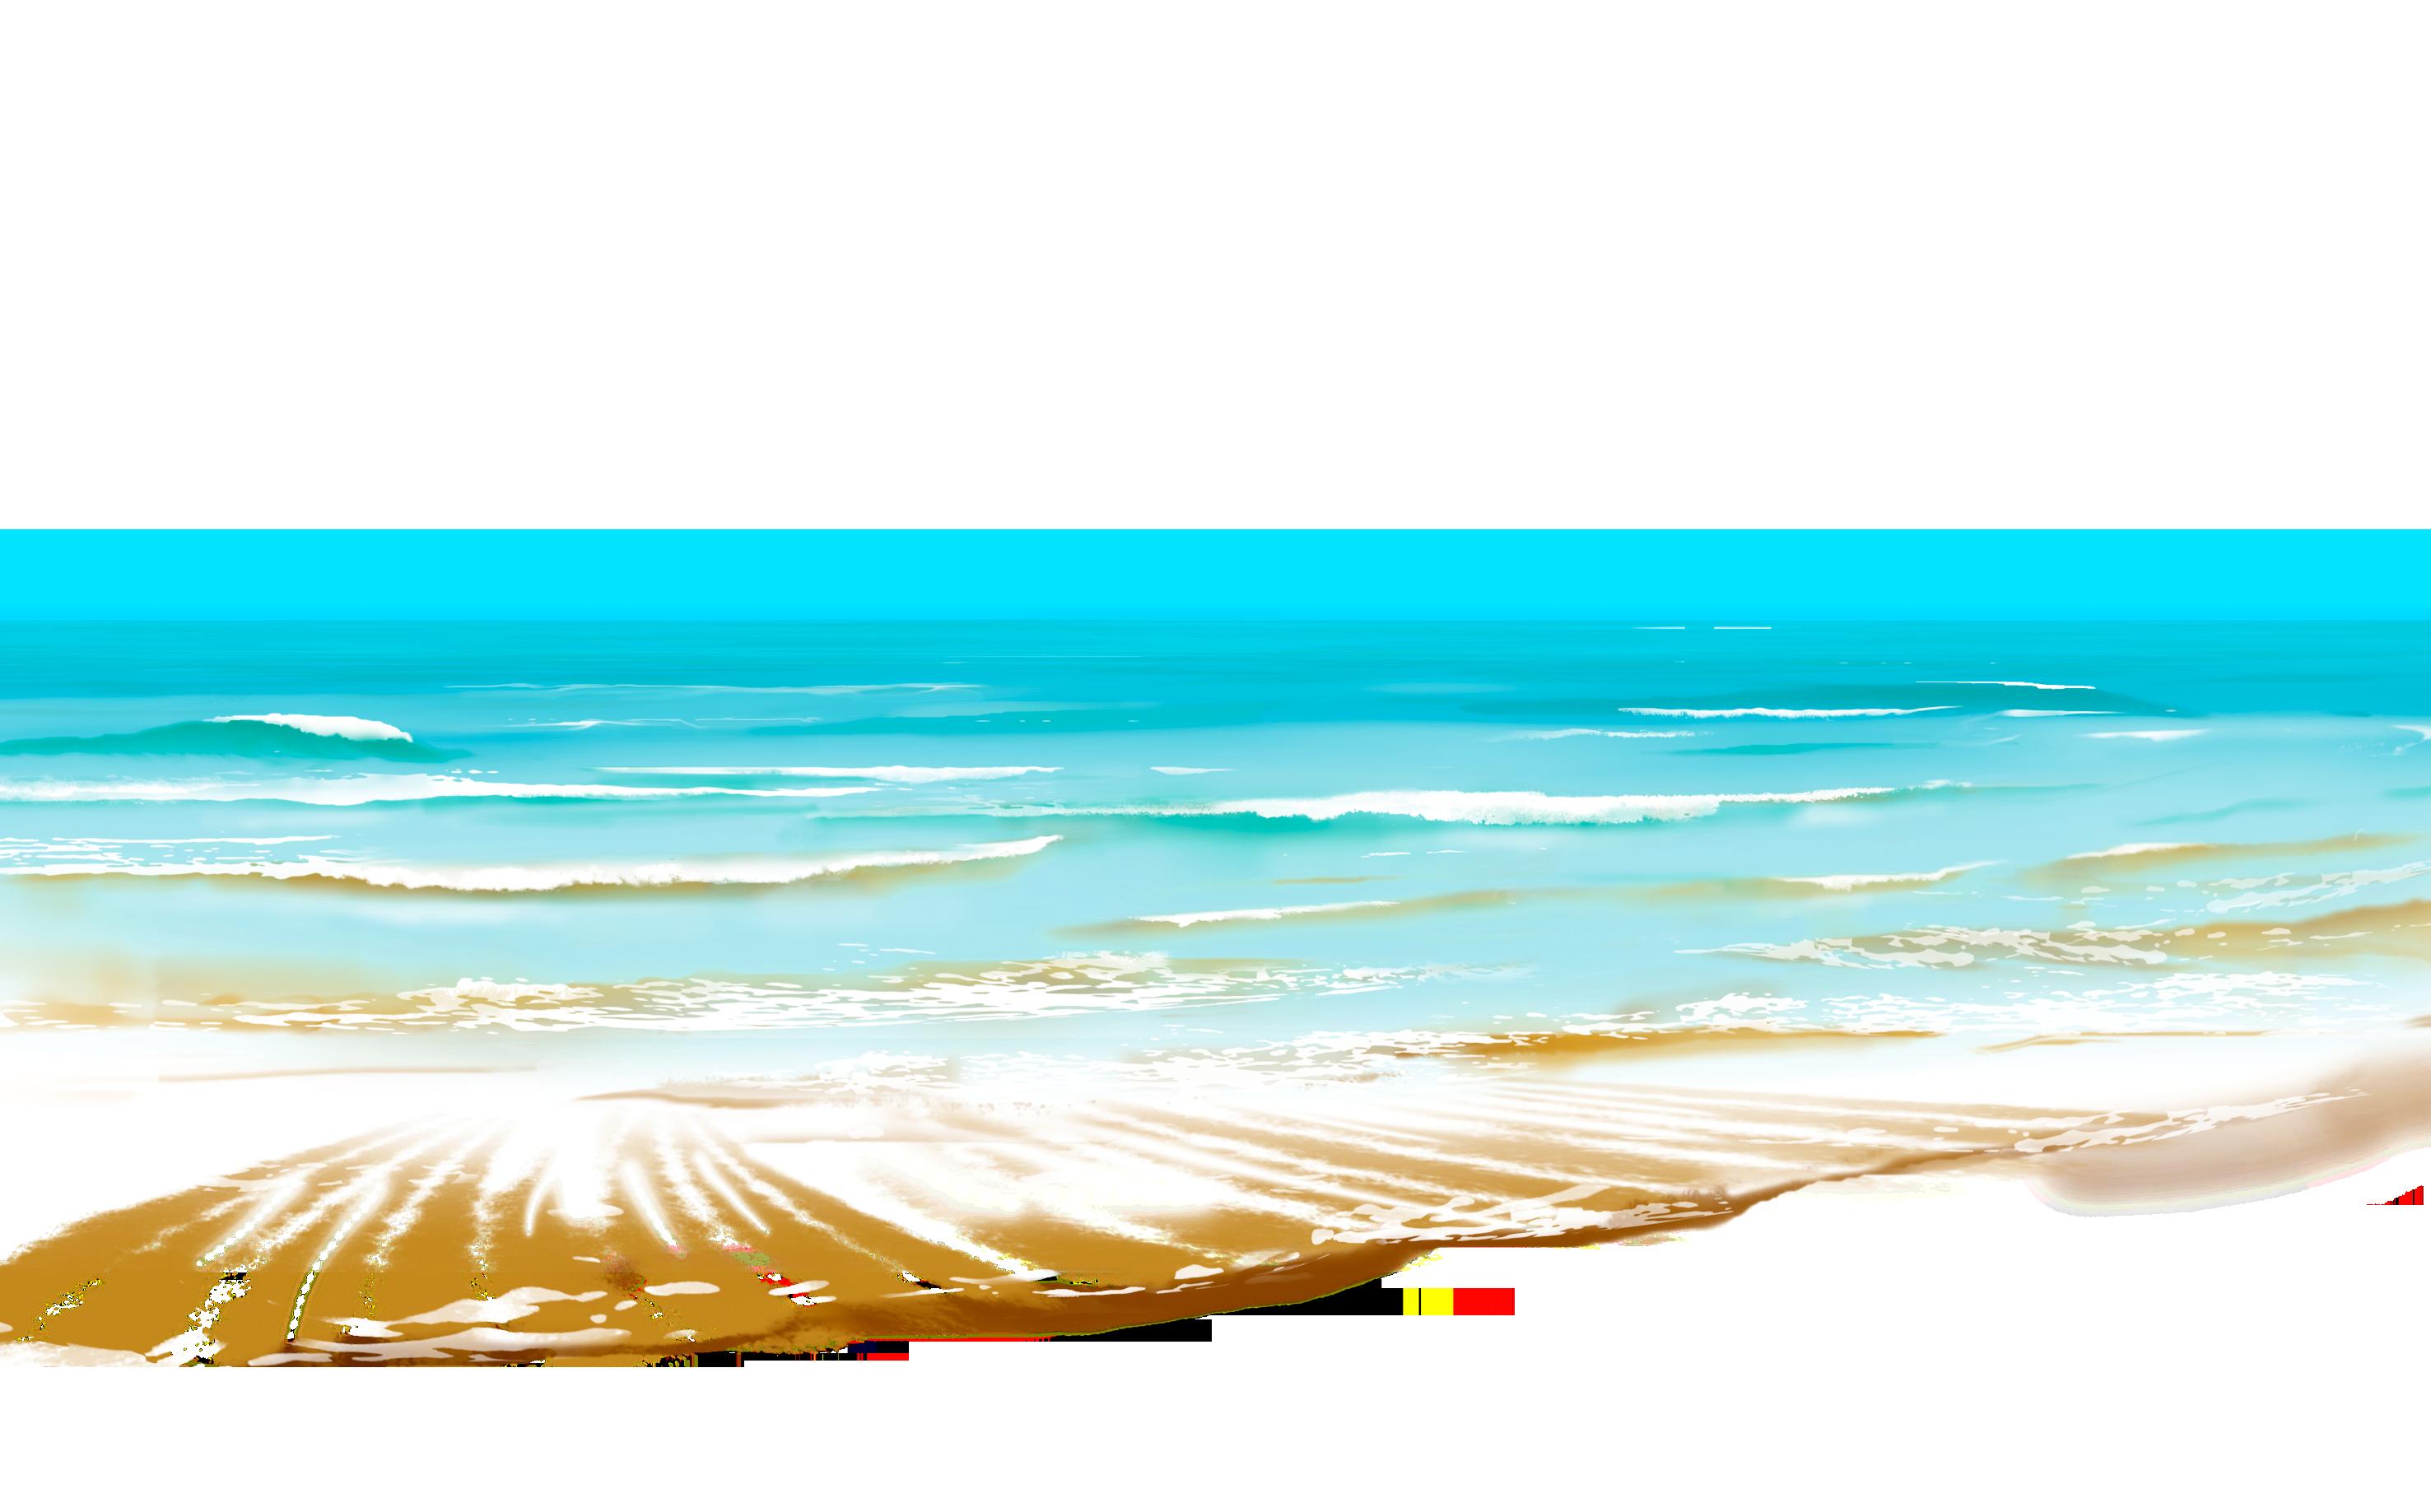 Sea Beach Ground Png Clipart Beach Clipart Sea Beach Images Clip Art